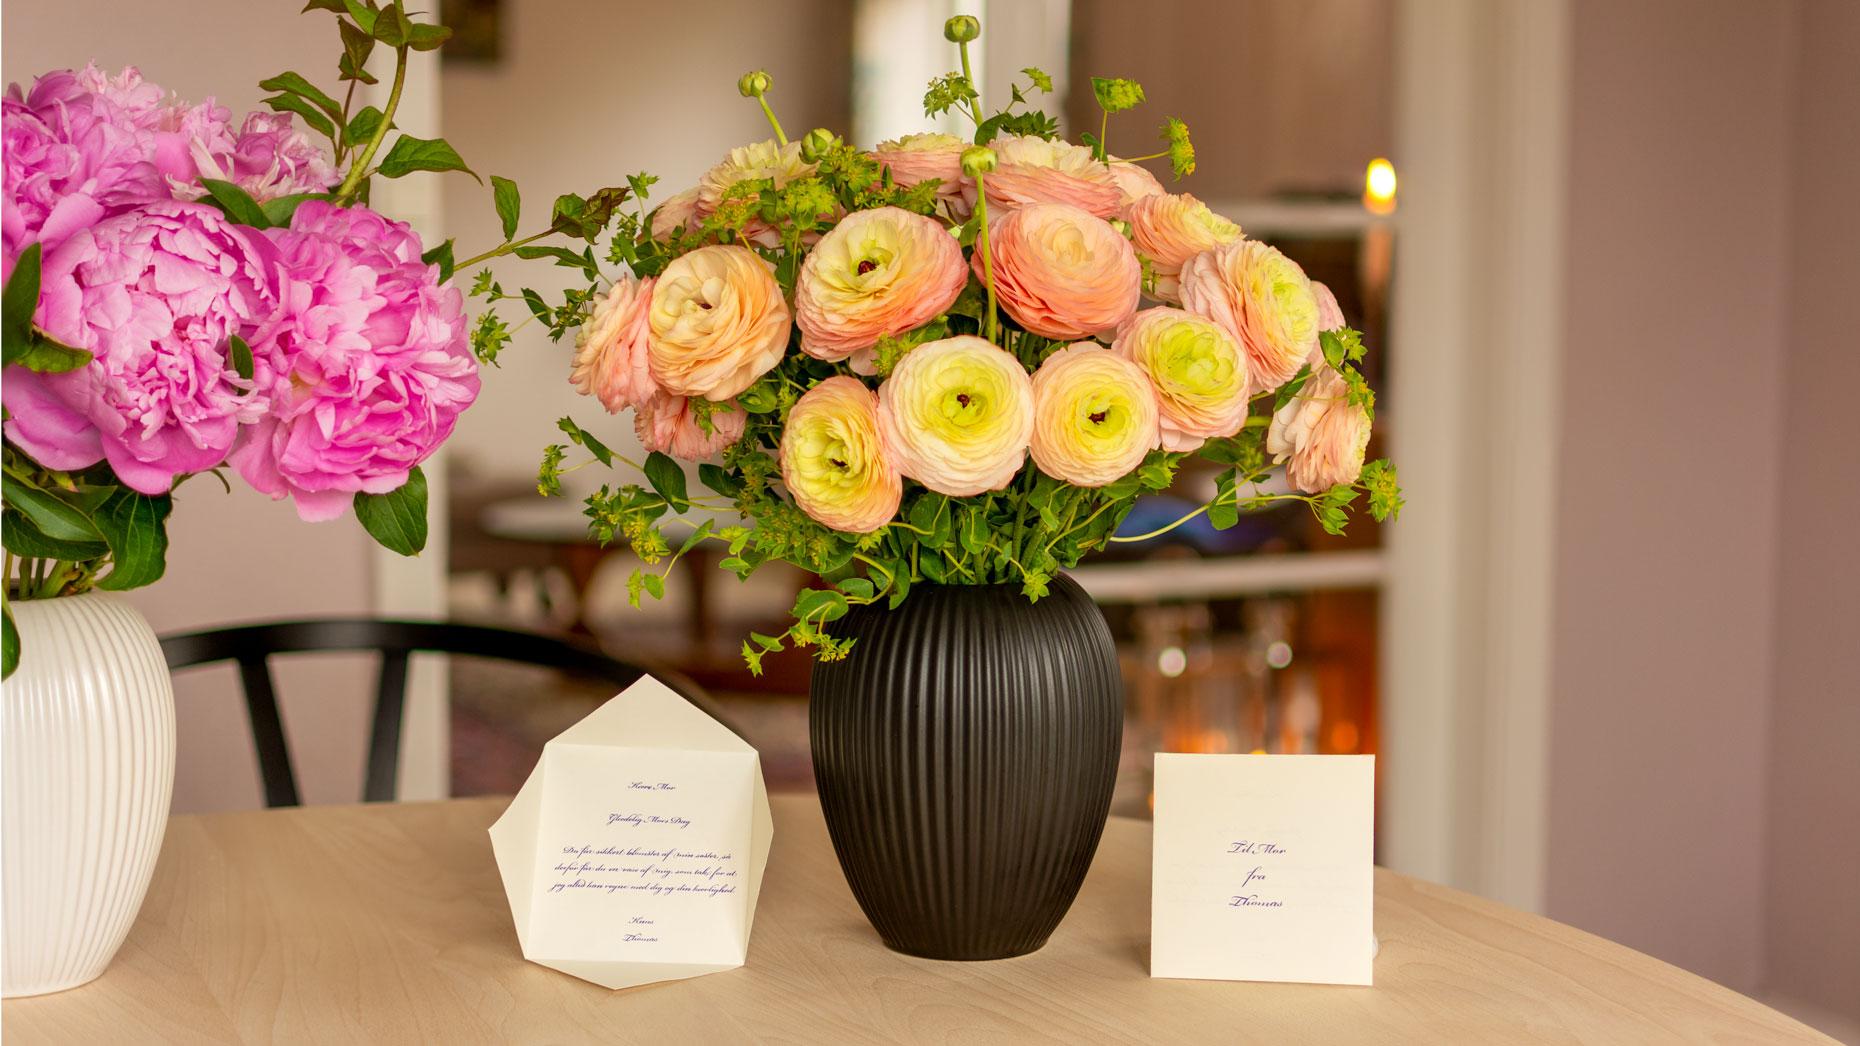 Vaser til Mors Dag fra Michael Andersen Keramik med ranunkler